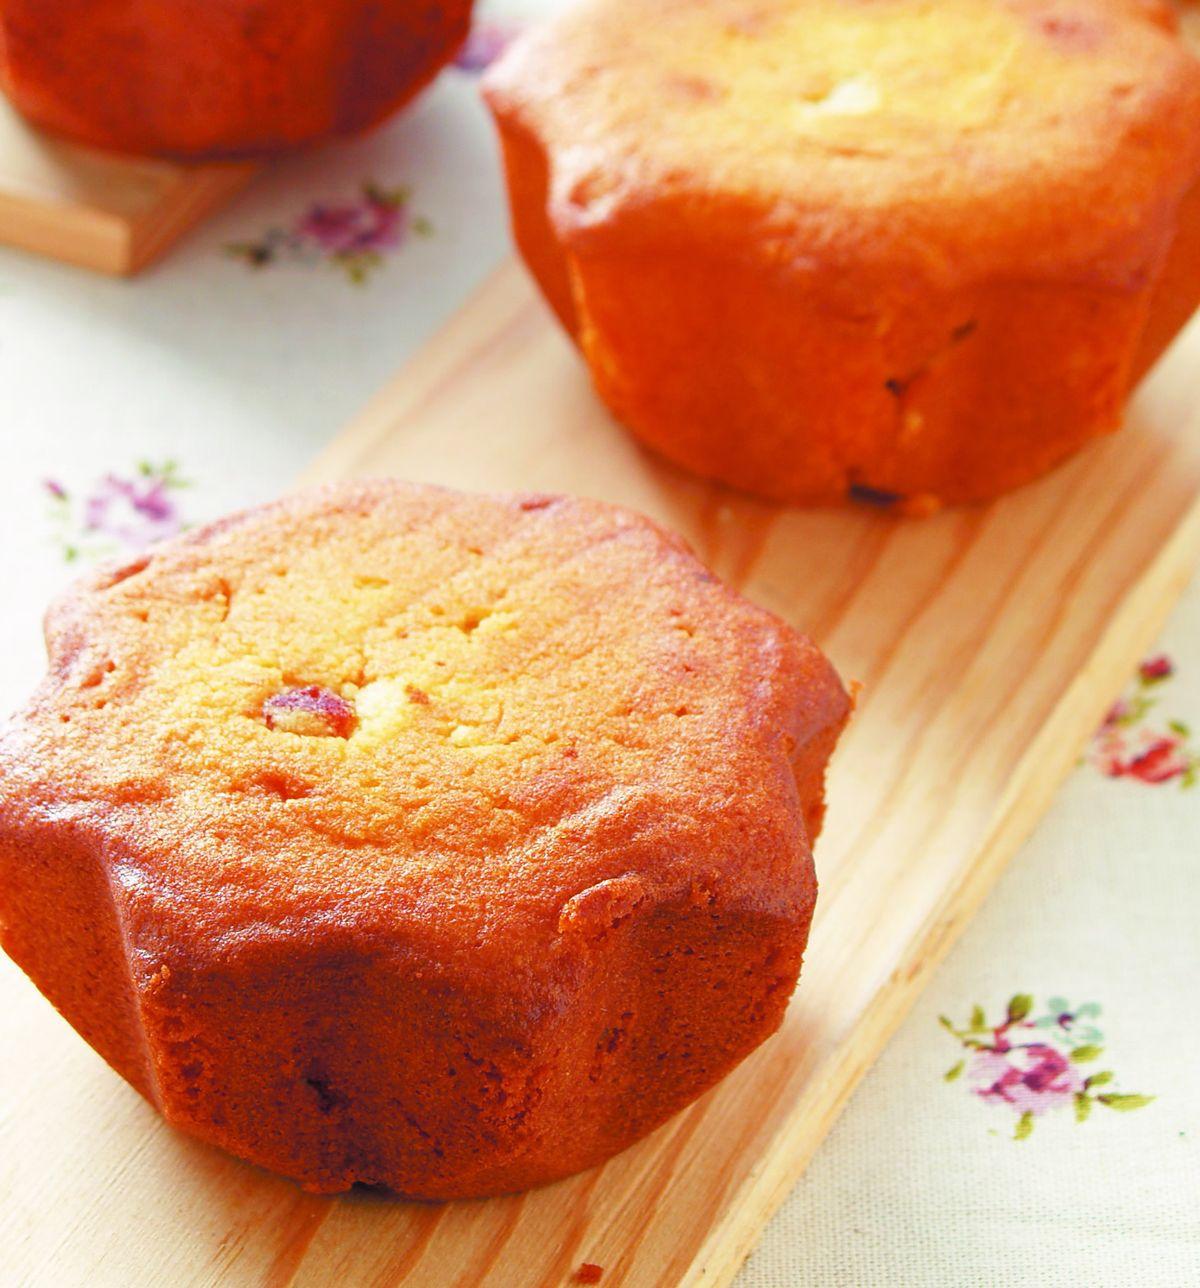 食譜:咕咕燒梅蛋糕